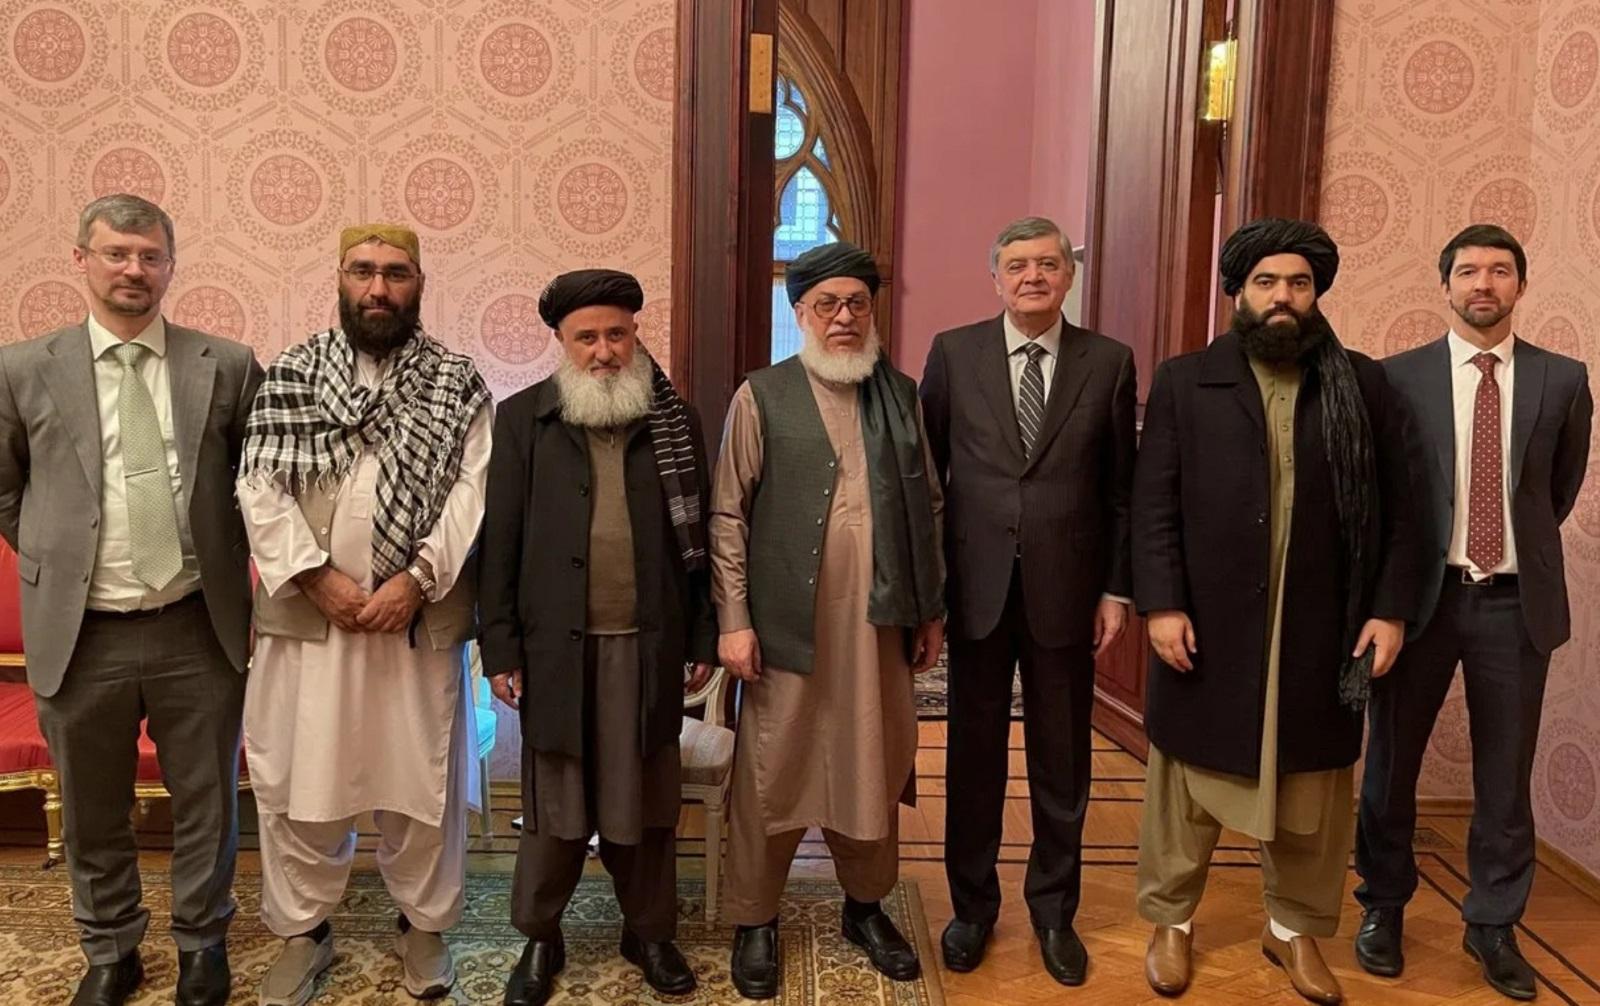 阿富汗塔利班访问俄罗斯莫斯科和中国北京并与两国官员会晤插图17-小狮座俄罗斯留学